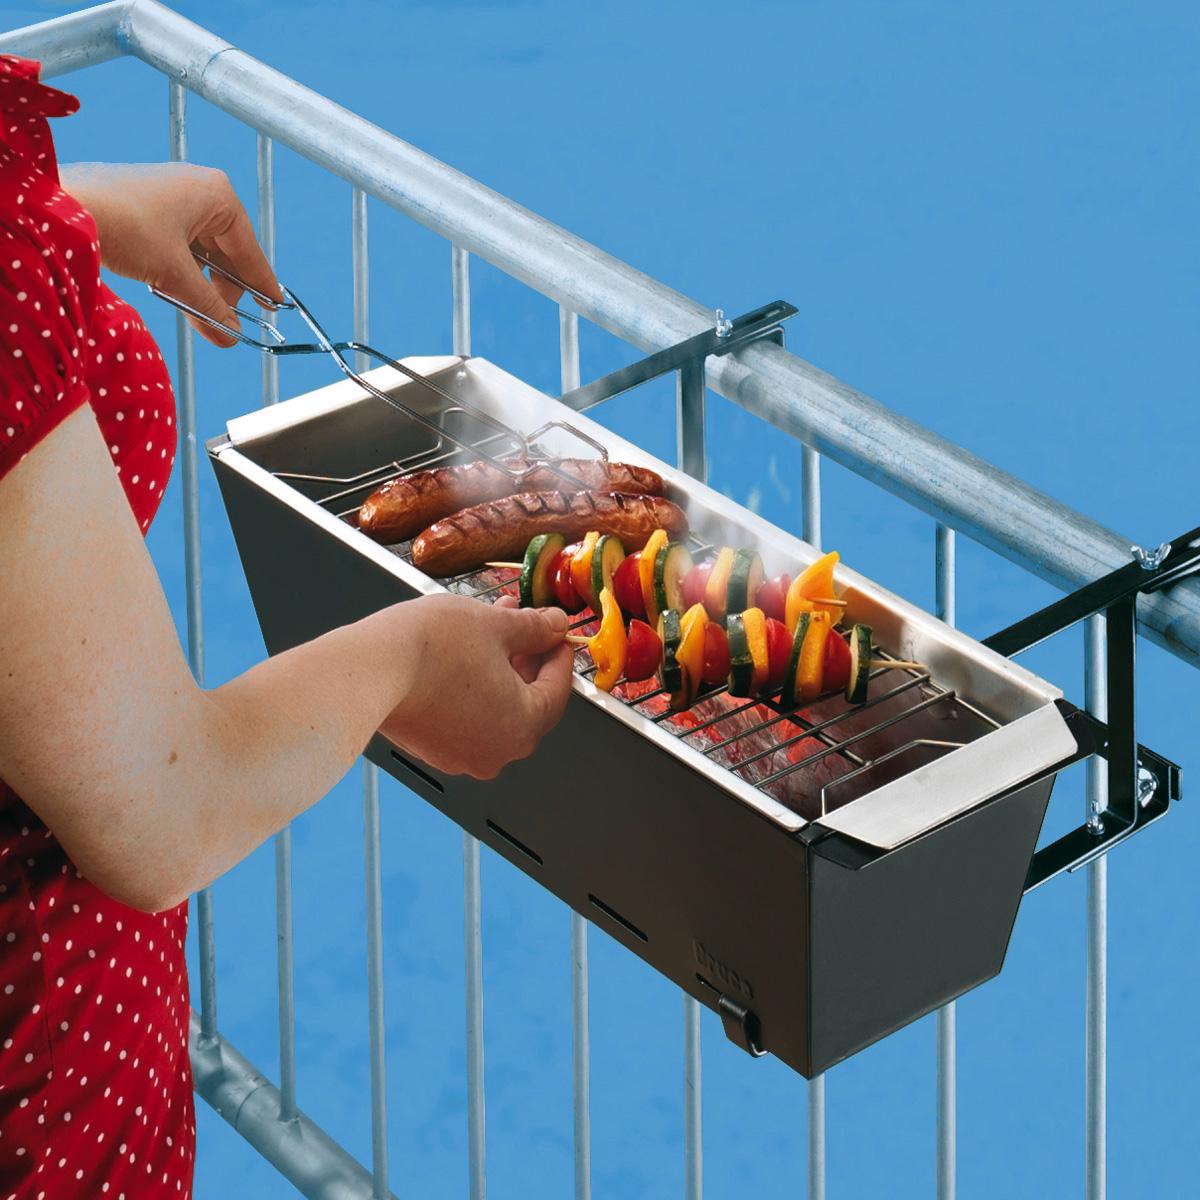 faire un barbecue sur son balcon c 39 est possible craquez pour ce mini barbecue de rambarde. Black Bedroom Furniture Sets. Home Design Ideas